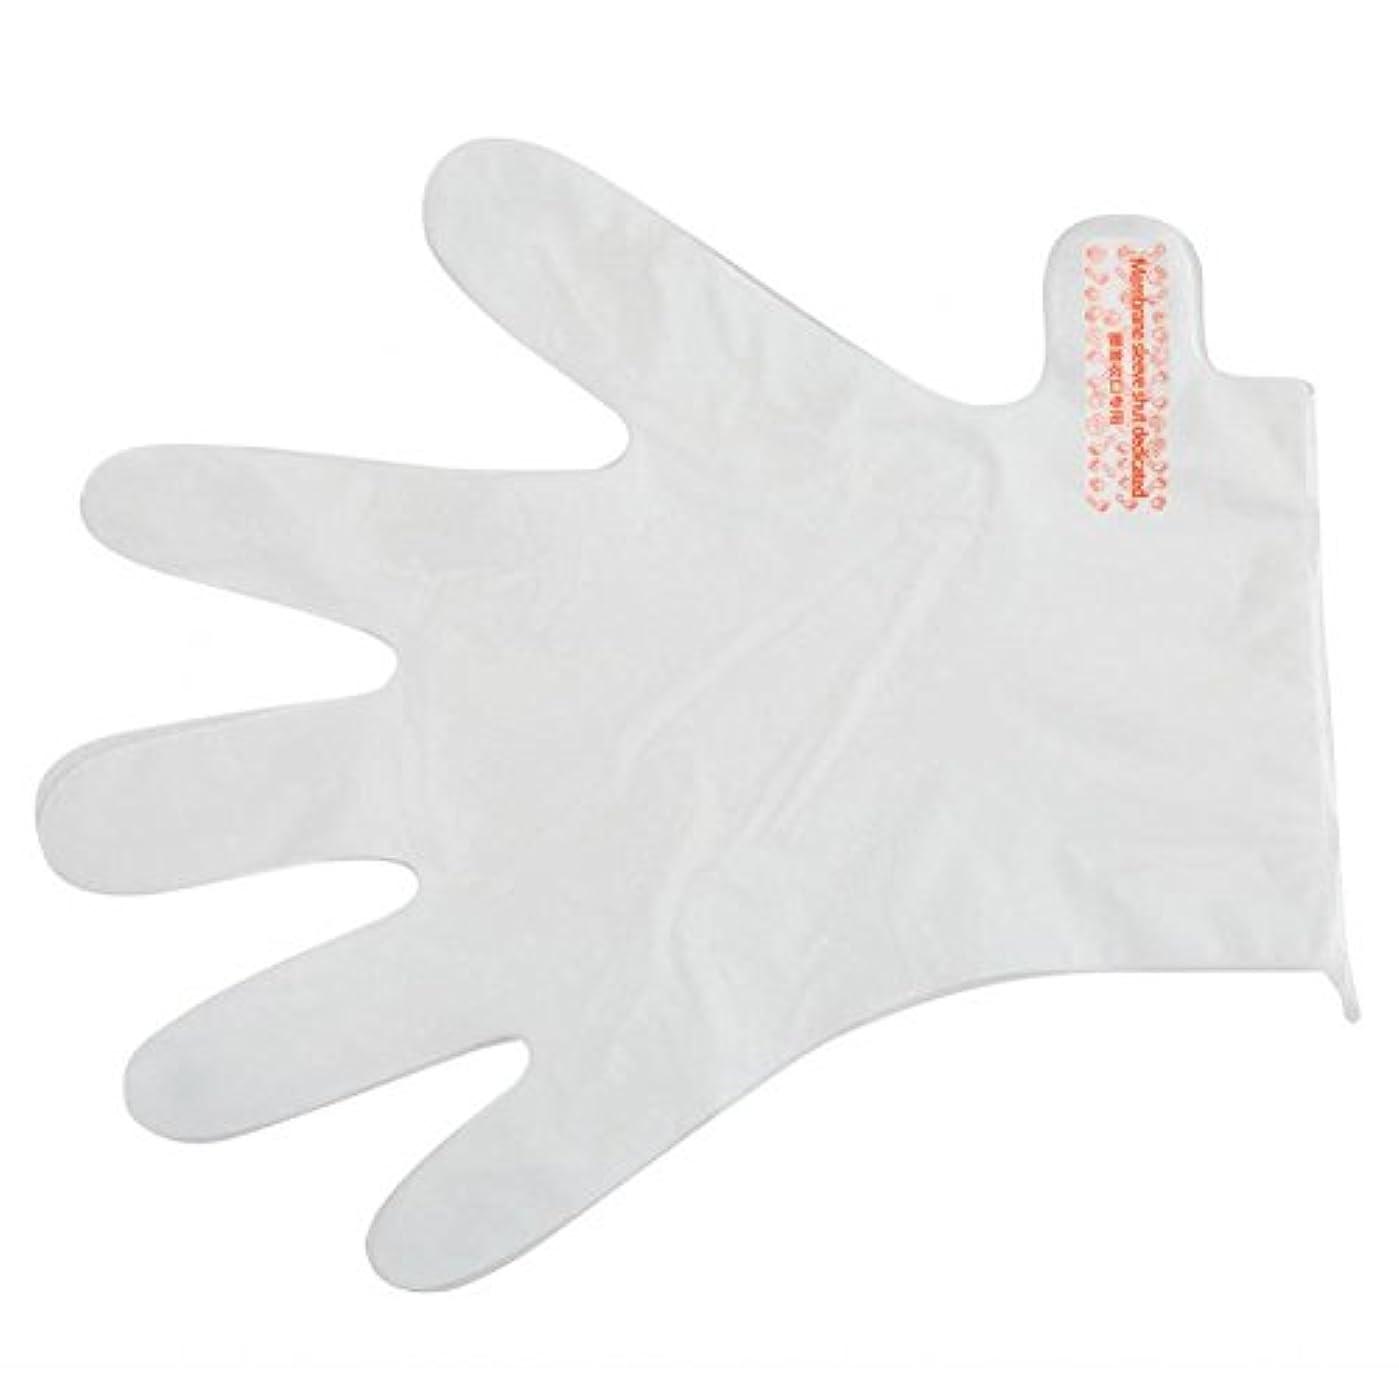 リーダーシップほこりっぽい請願者ハンドマスク ハンドパック 5セット 保湿 美白 手ケア ハンドケア 手袋 乾燥 肌荒れ対策 手 指 潤い ホワイトニング モイスチャー 自宅 しっとり